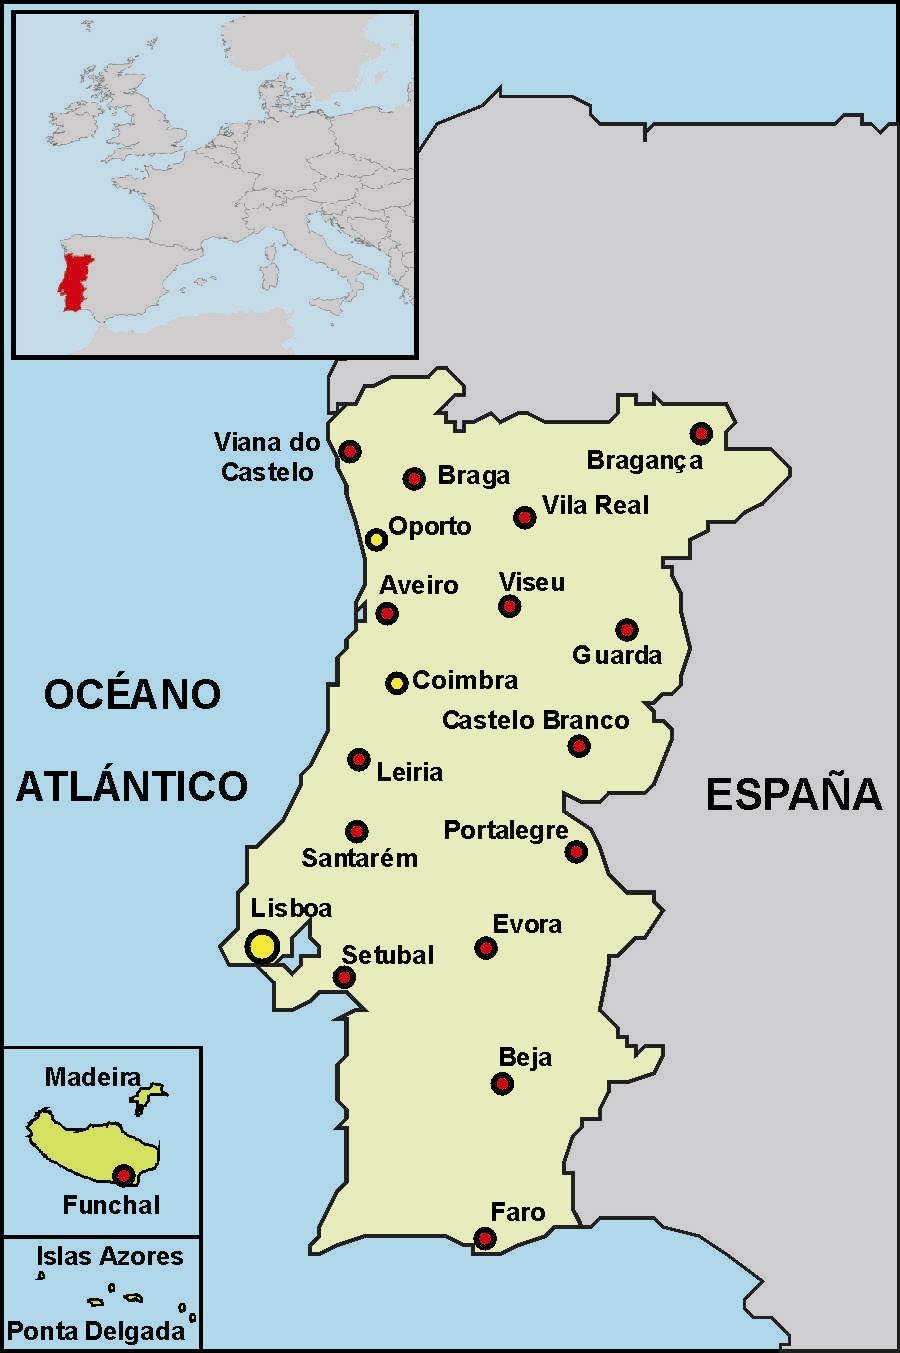 mapa climático de portugal Cómo es el clima en Portugal? toda la información aquí   Clima  mapa climático de portugal